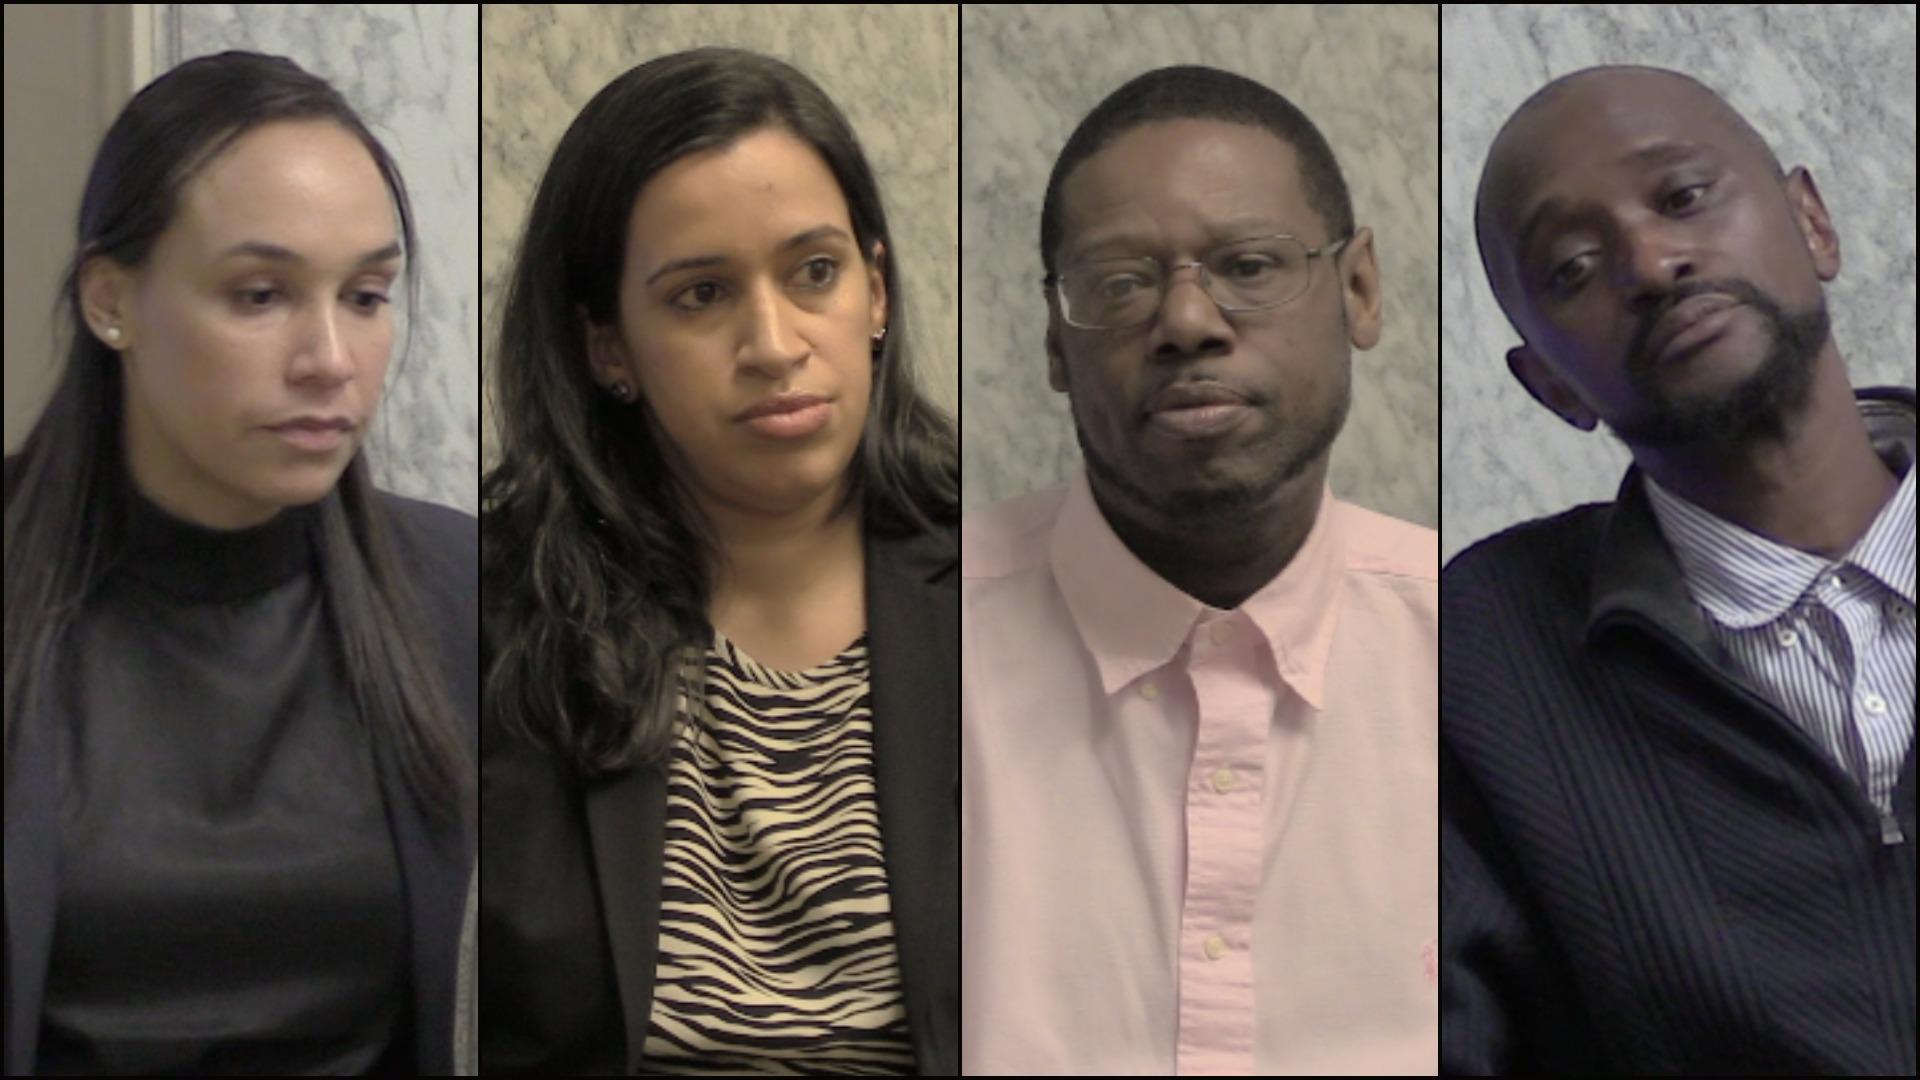 Christina Krauthamer - Jocelyn Roldan Torres - Jermaine Palms - Jonathan Davis - State vs Denzel Suitt